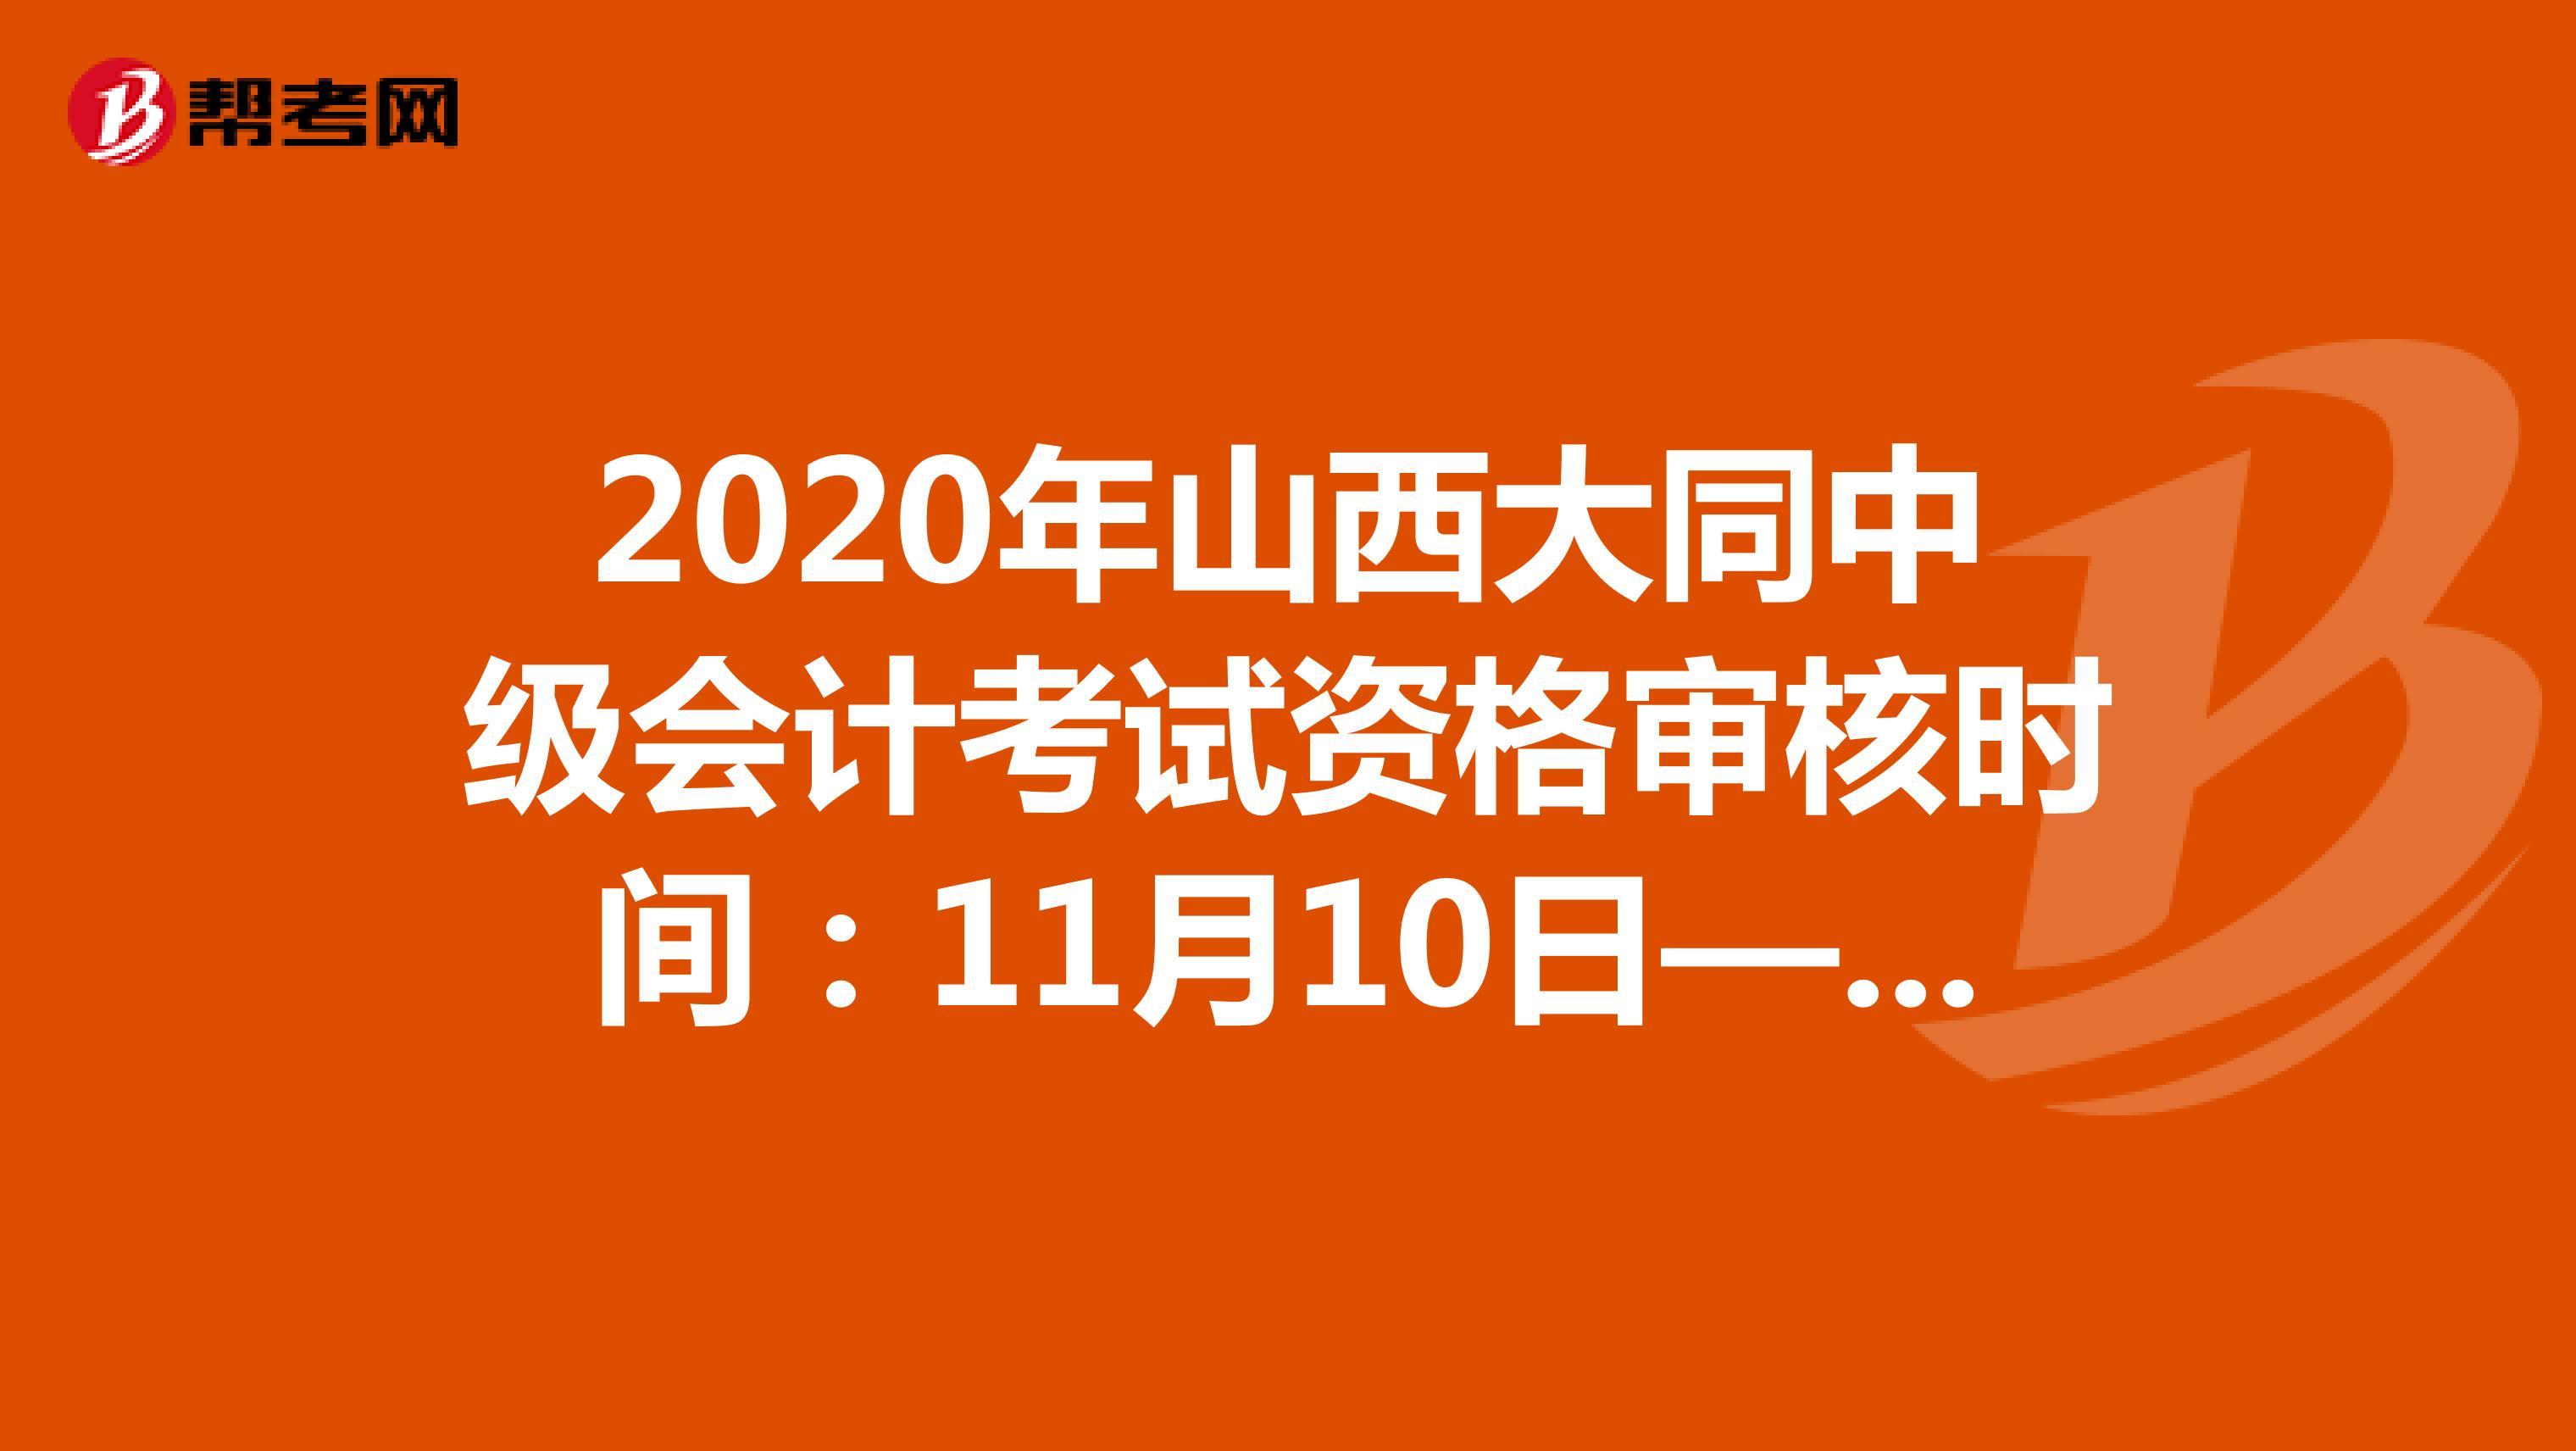 2020年山西大同中级会计考试资格审核时间:11月10日—11月11日